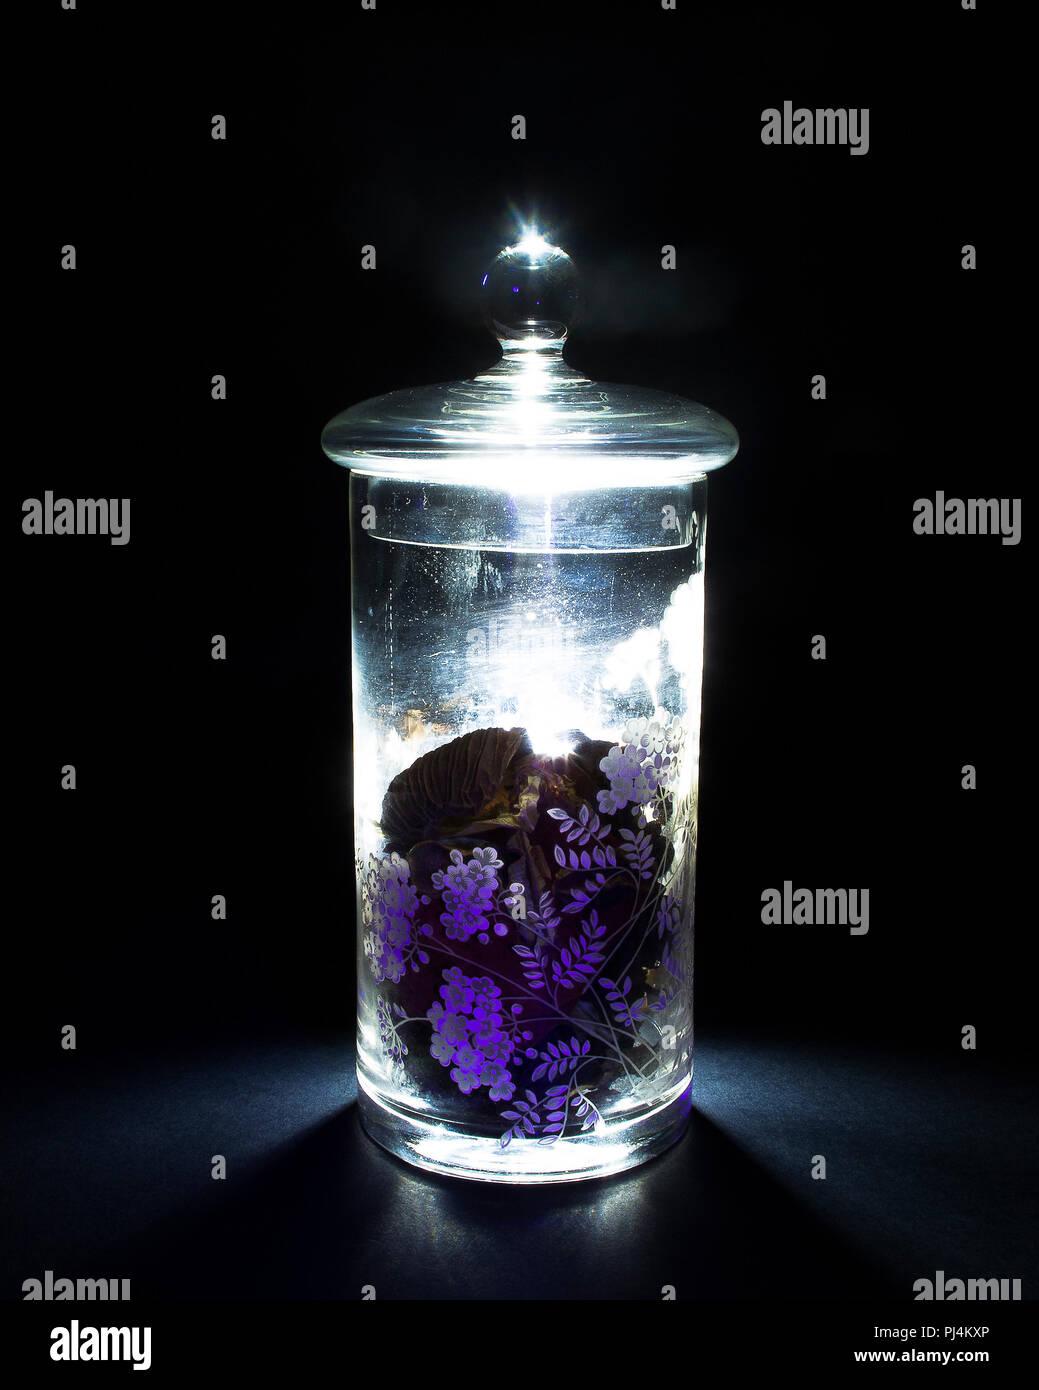 Bekannt Glas Glas von hinten beleuchtet auf schwarzem Hintergrund SC13